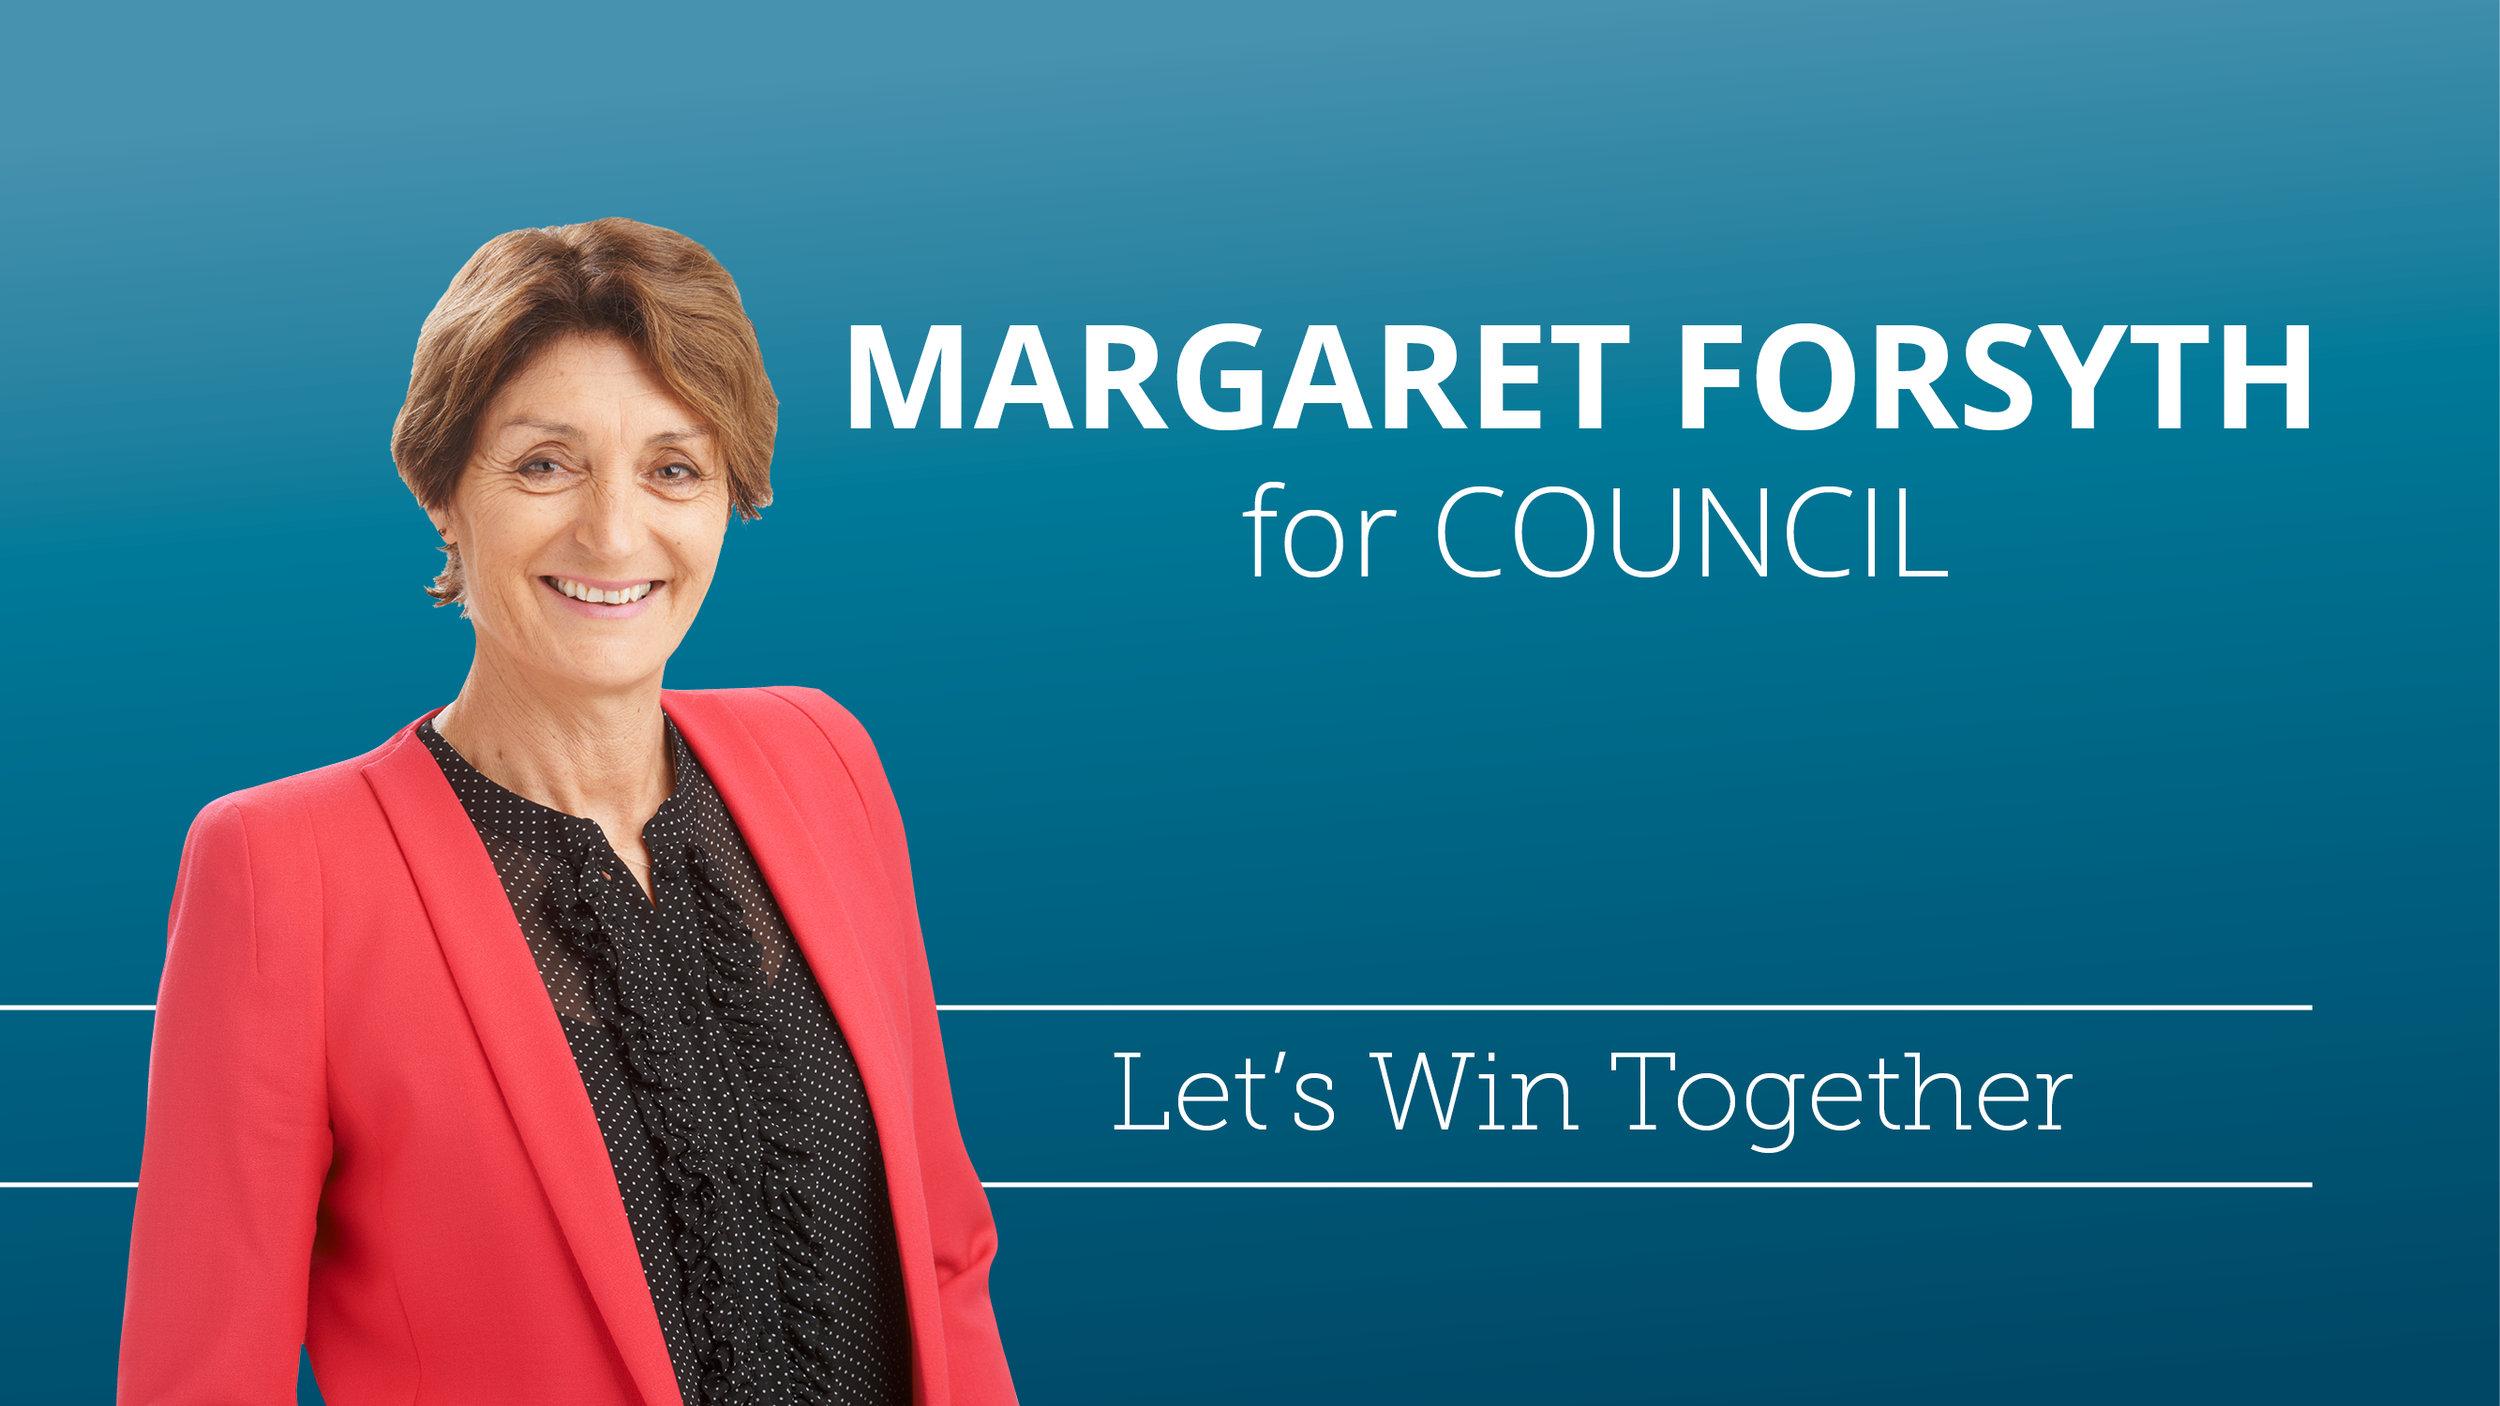 Margaret Forsyth business card hi res.jpg